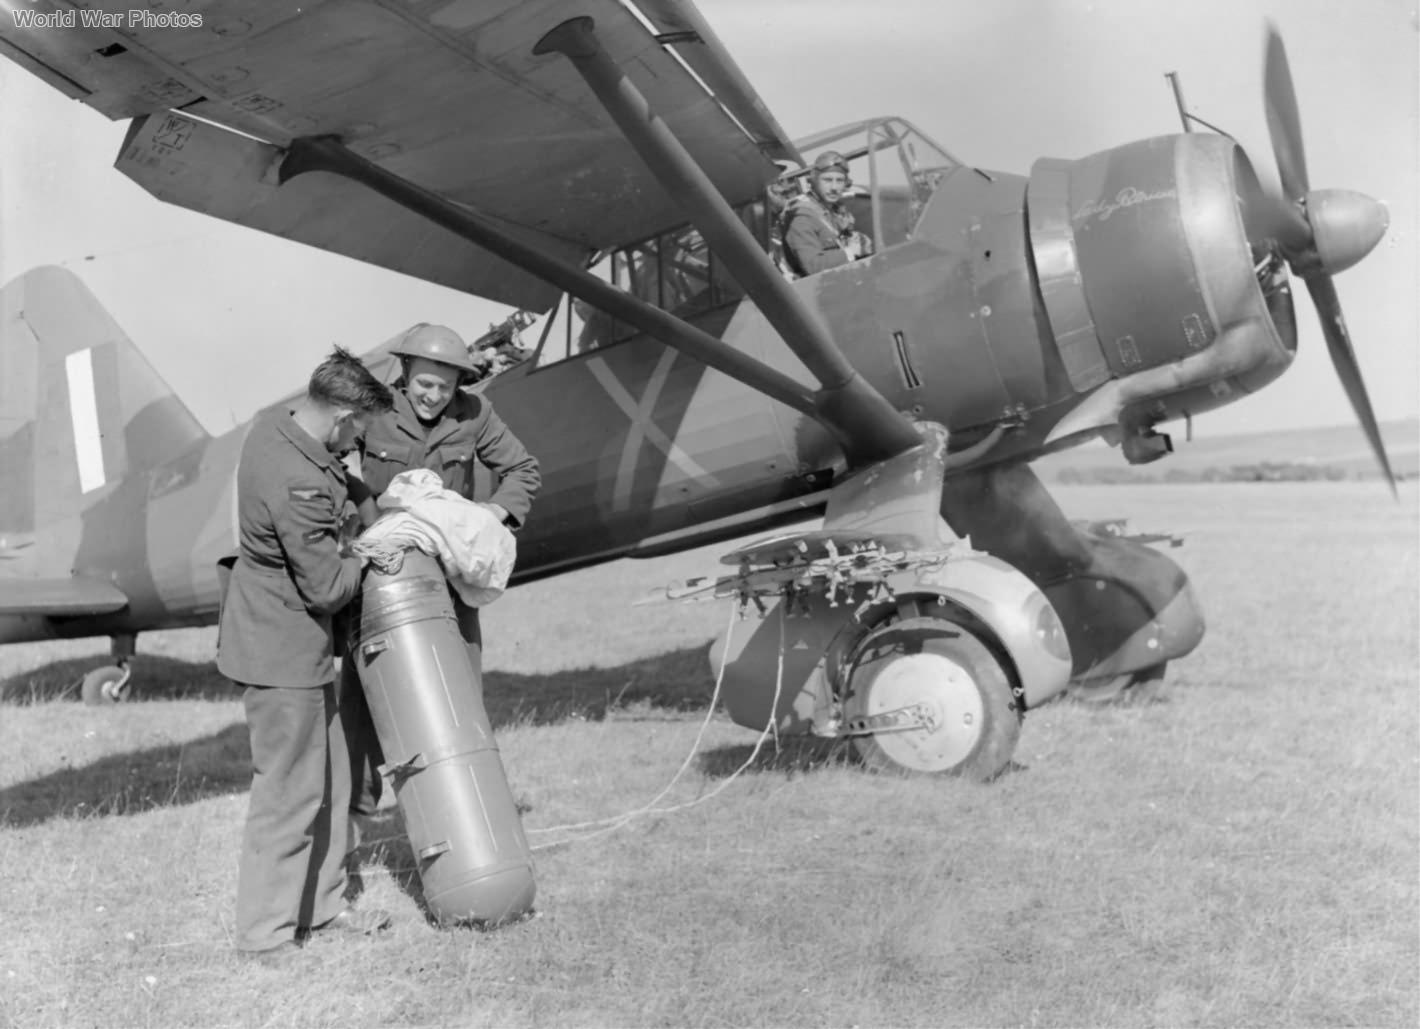 Westland Lysander of No. 225 Squadron RAF